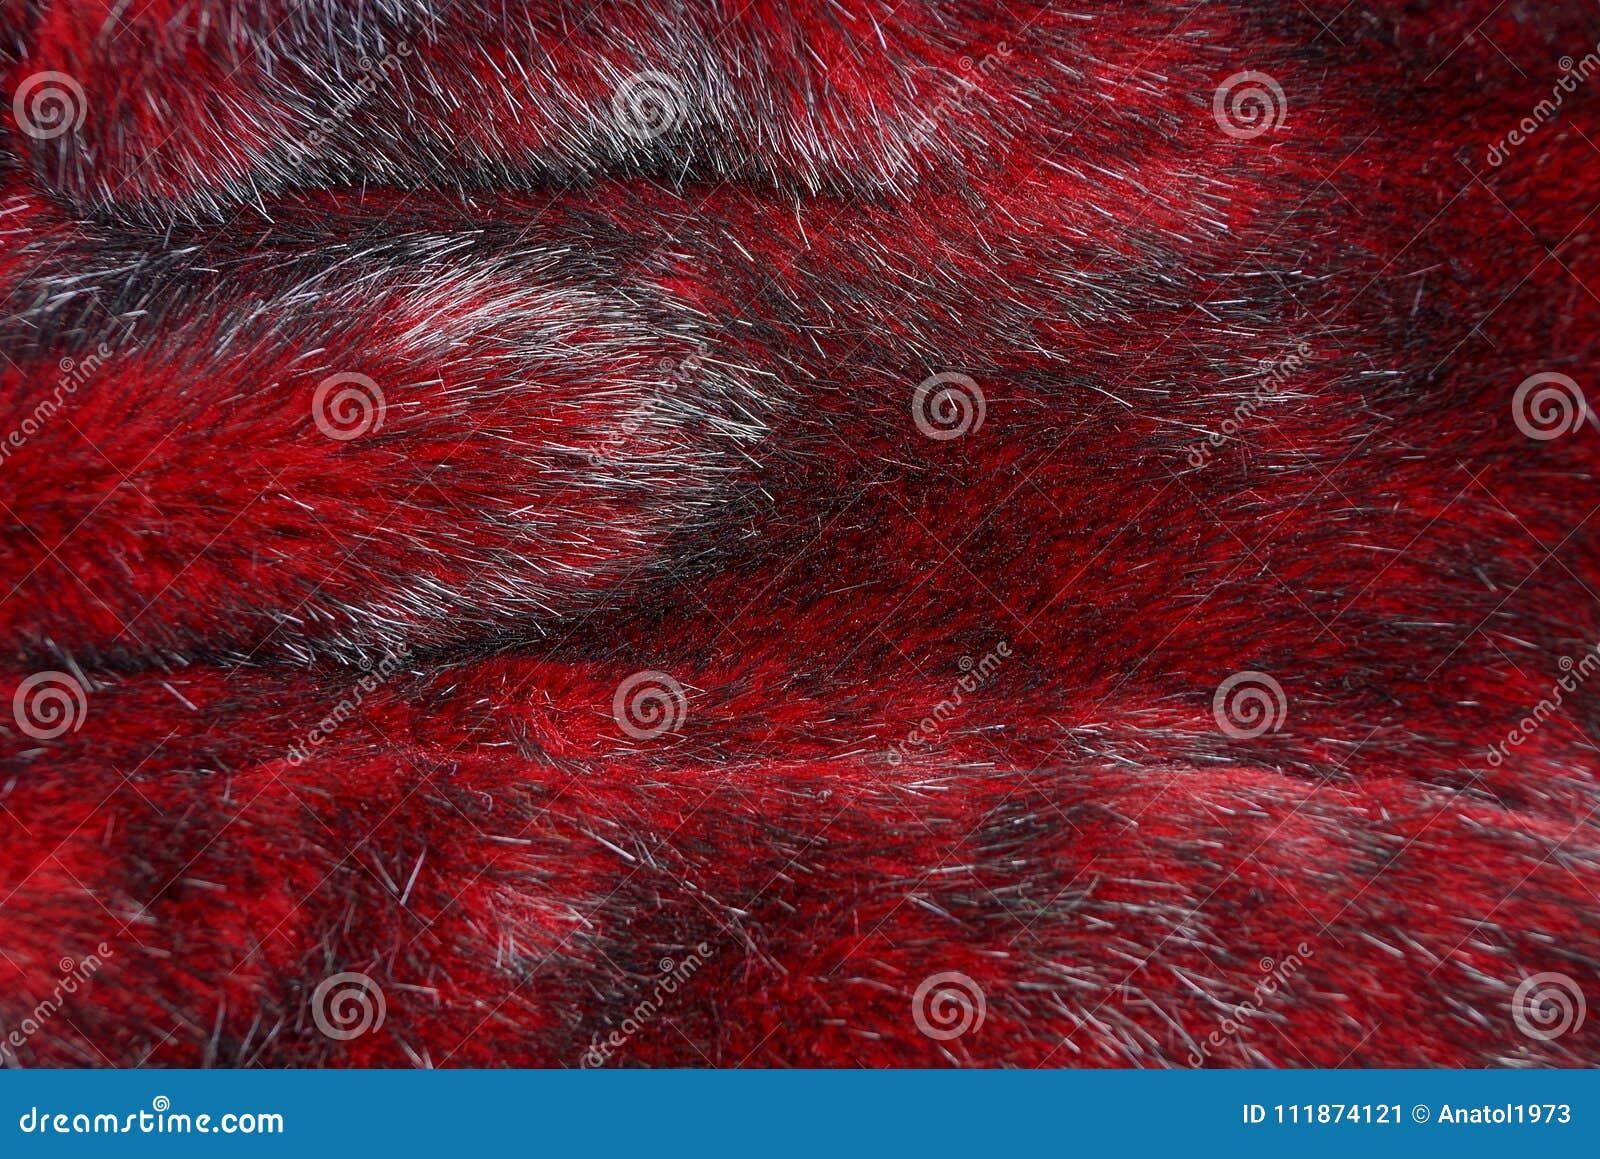 Beschaffenheit des roten Pelzes auf einem Kleidungsstück